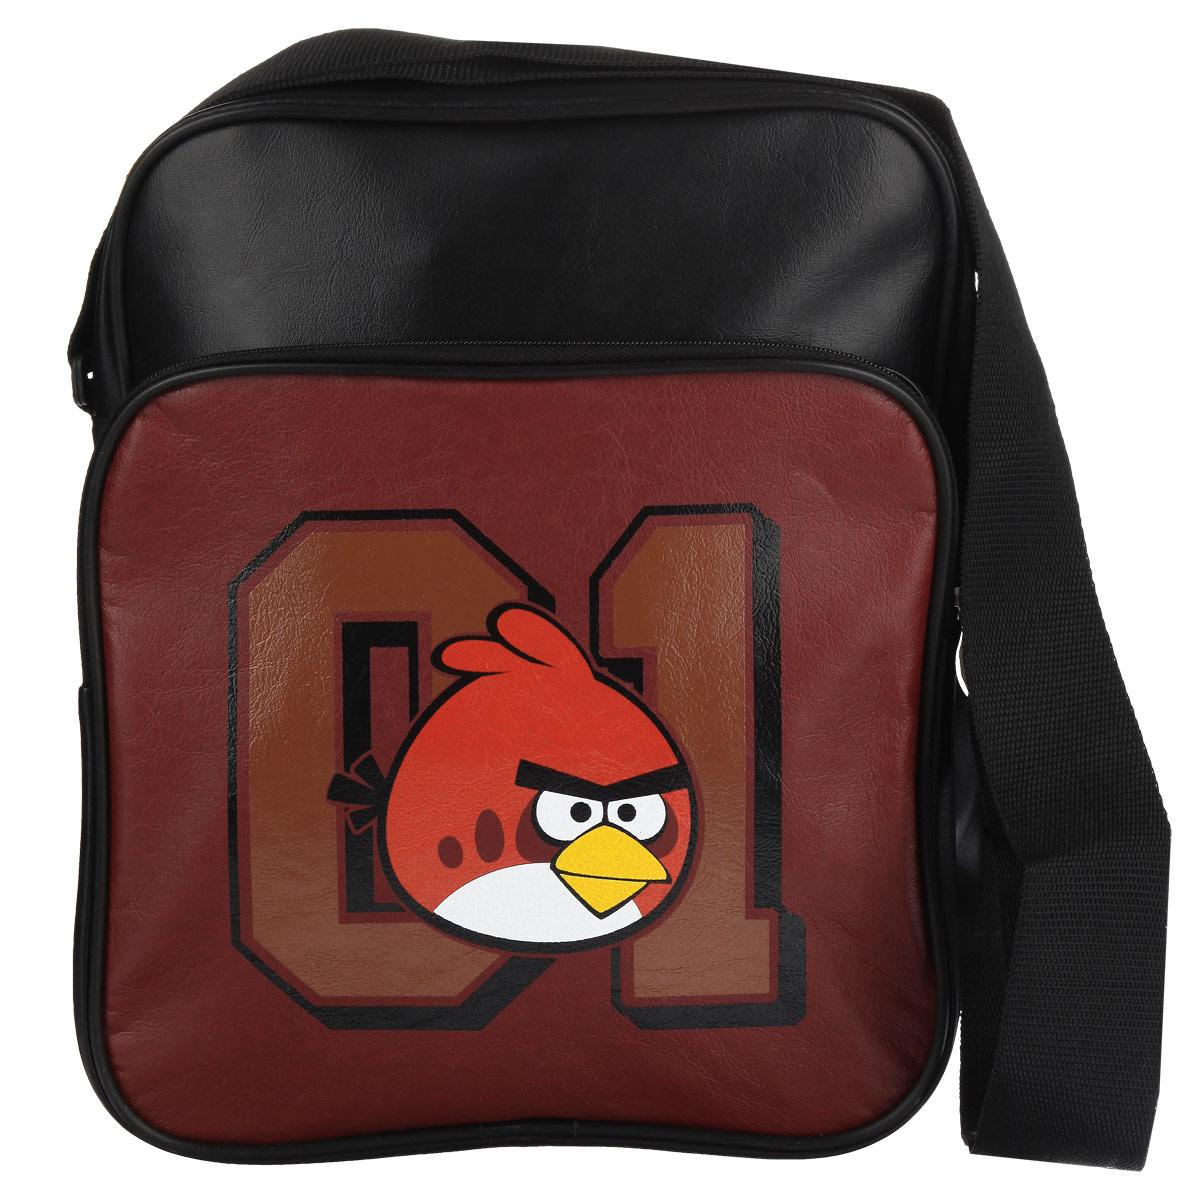 Сумка Angry Birds Красная птица, цвет: черный, бордовый. 8481384813Сумка молодёжная Angry Birds Красная птица сочетает в себе современный дизайн, функциональность и долговечность. Сумка выполнена из кожзаменителя и содержит одно вместительное отделение, застегивающееся на застежку-молнию. Внутри имеется дополнительный карман-разделитель на молнии.На лицевой стороне сумки находятся карман на застежке-молнии. Внутри имеется нашивной карман и фиксаторы для пишущих принадлежностей. На задней стороне сумка имеет дополнительный карман на молнии.Сумка оснащена плечевым ремнем, регулируемой длины.